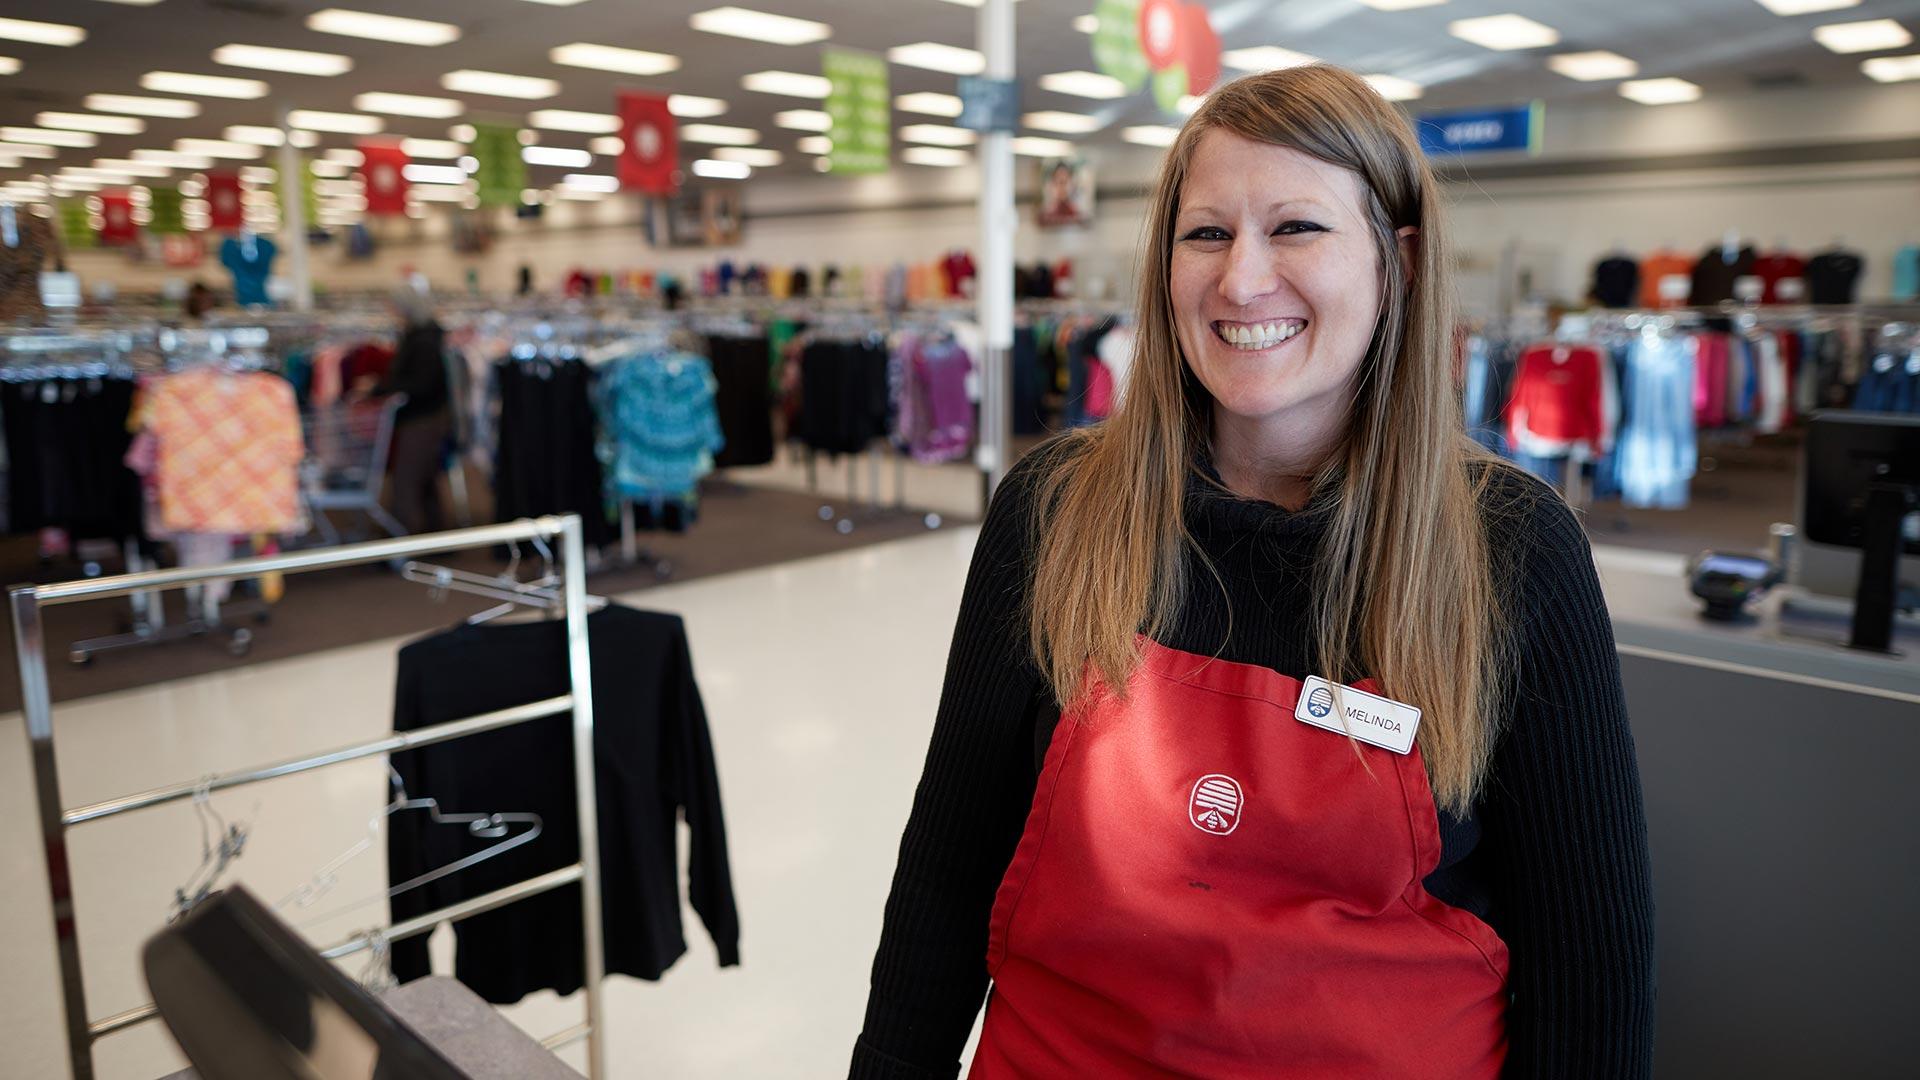 Associate Melinda smiles at a cash register at DI